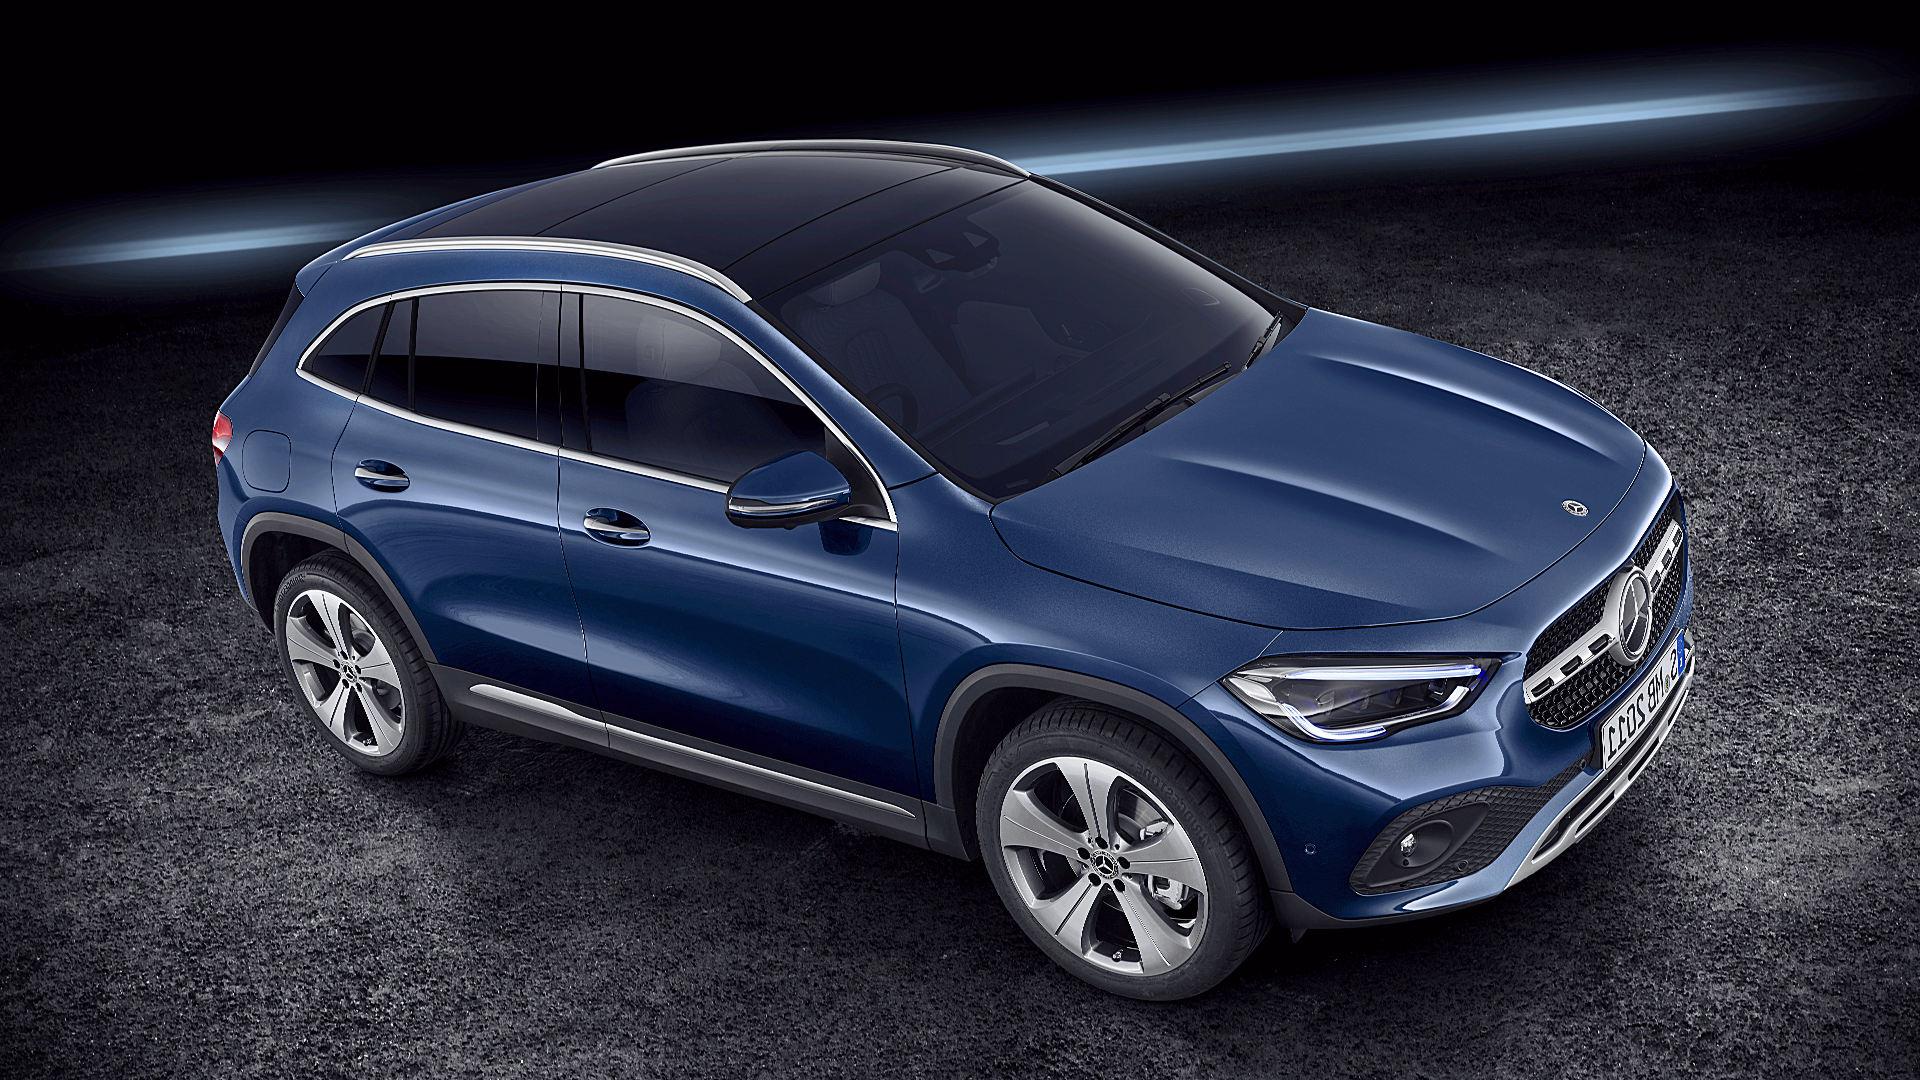 2021 Mercedes Benz GLA 250 4Matic Images